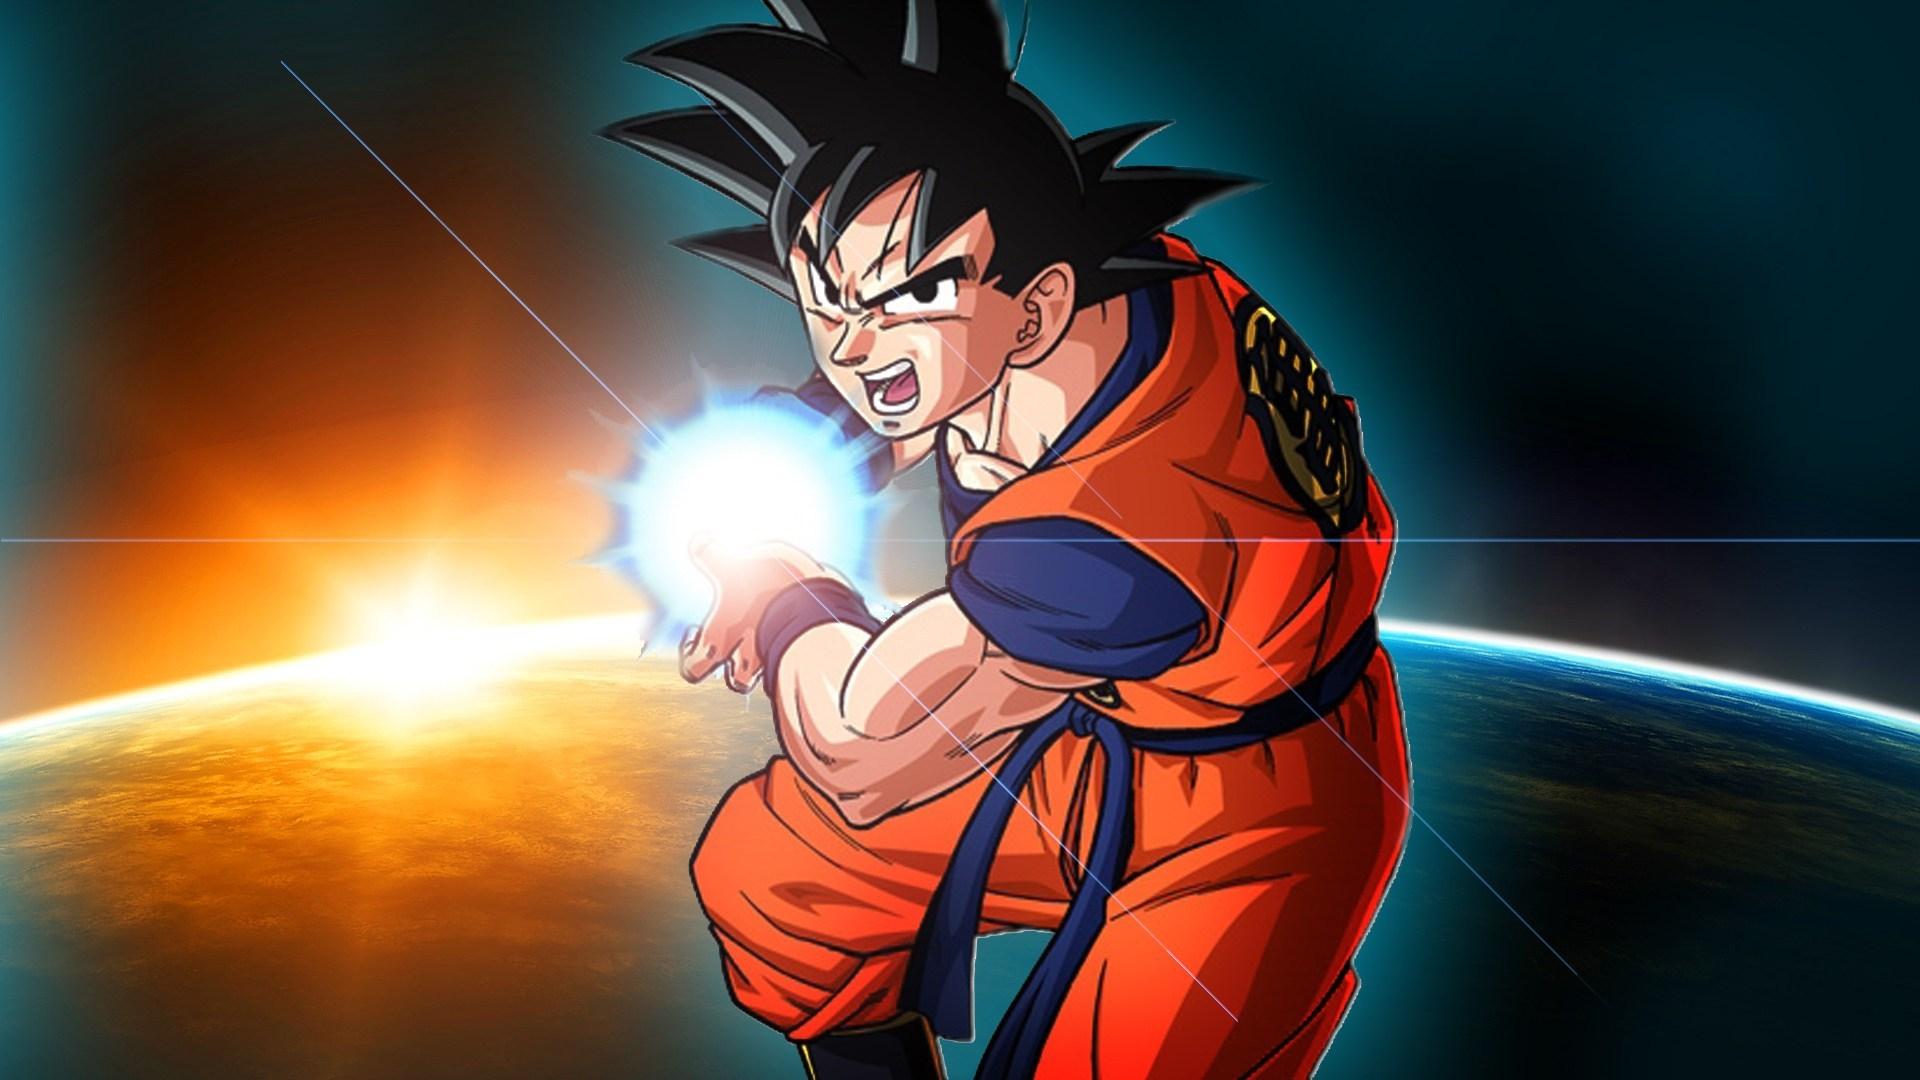 Dragon Ball Z: Kakarot racconterà fatti inediti della storia di Goku